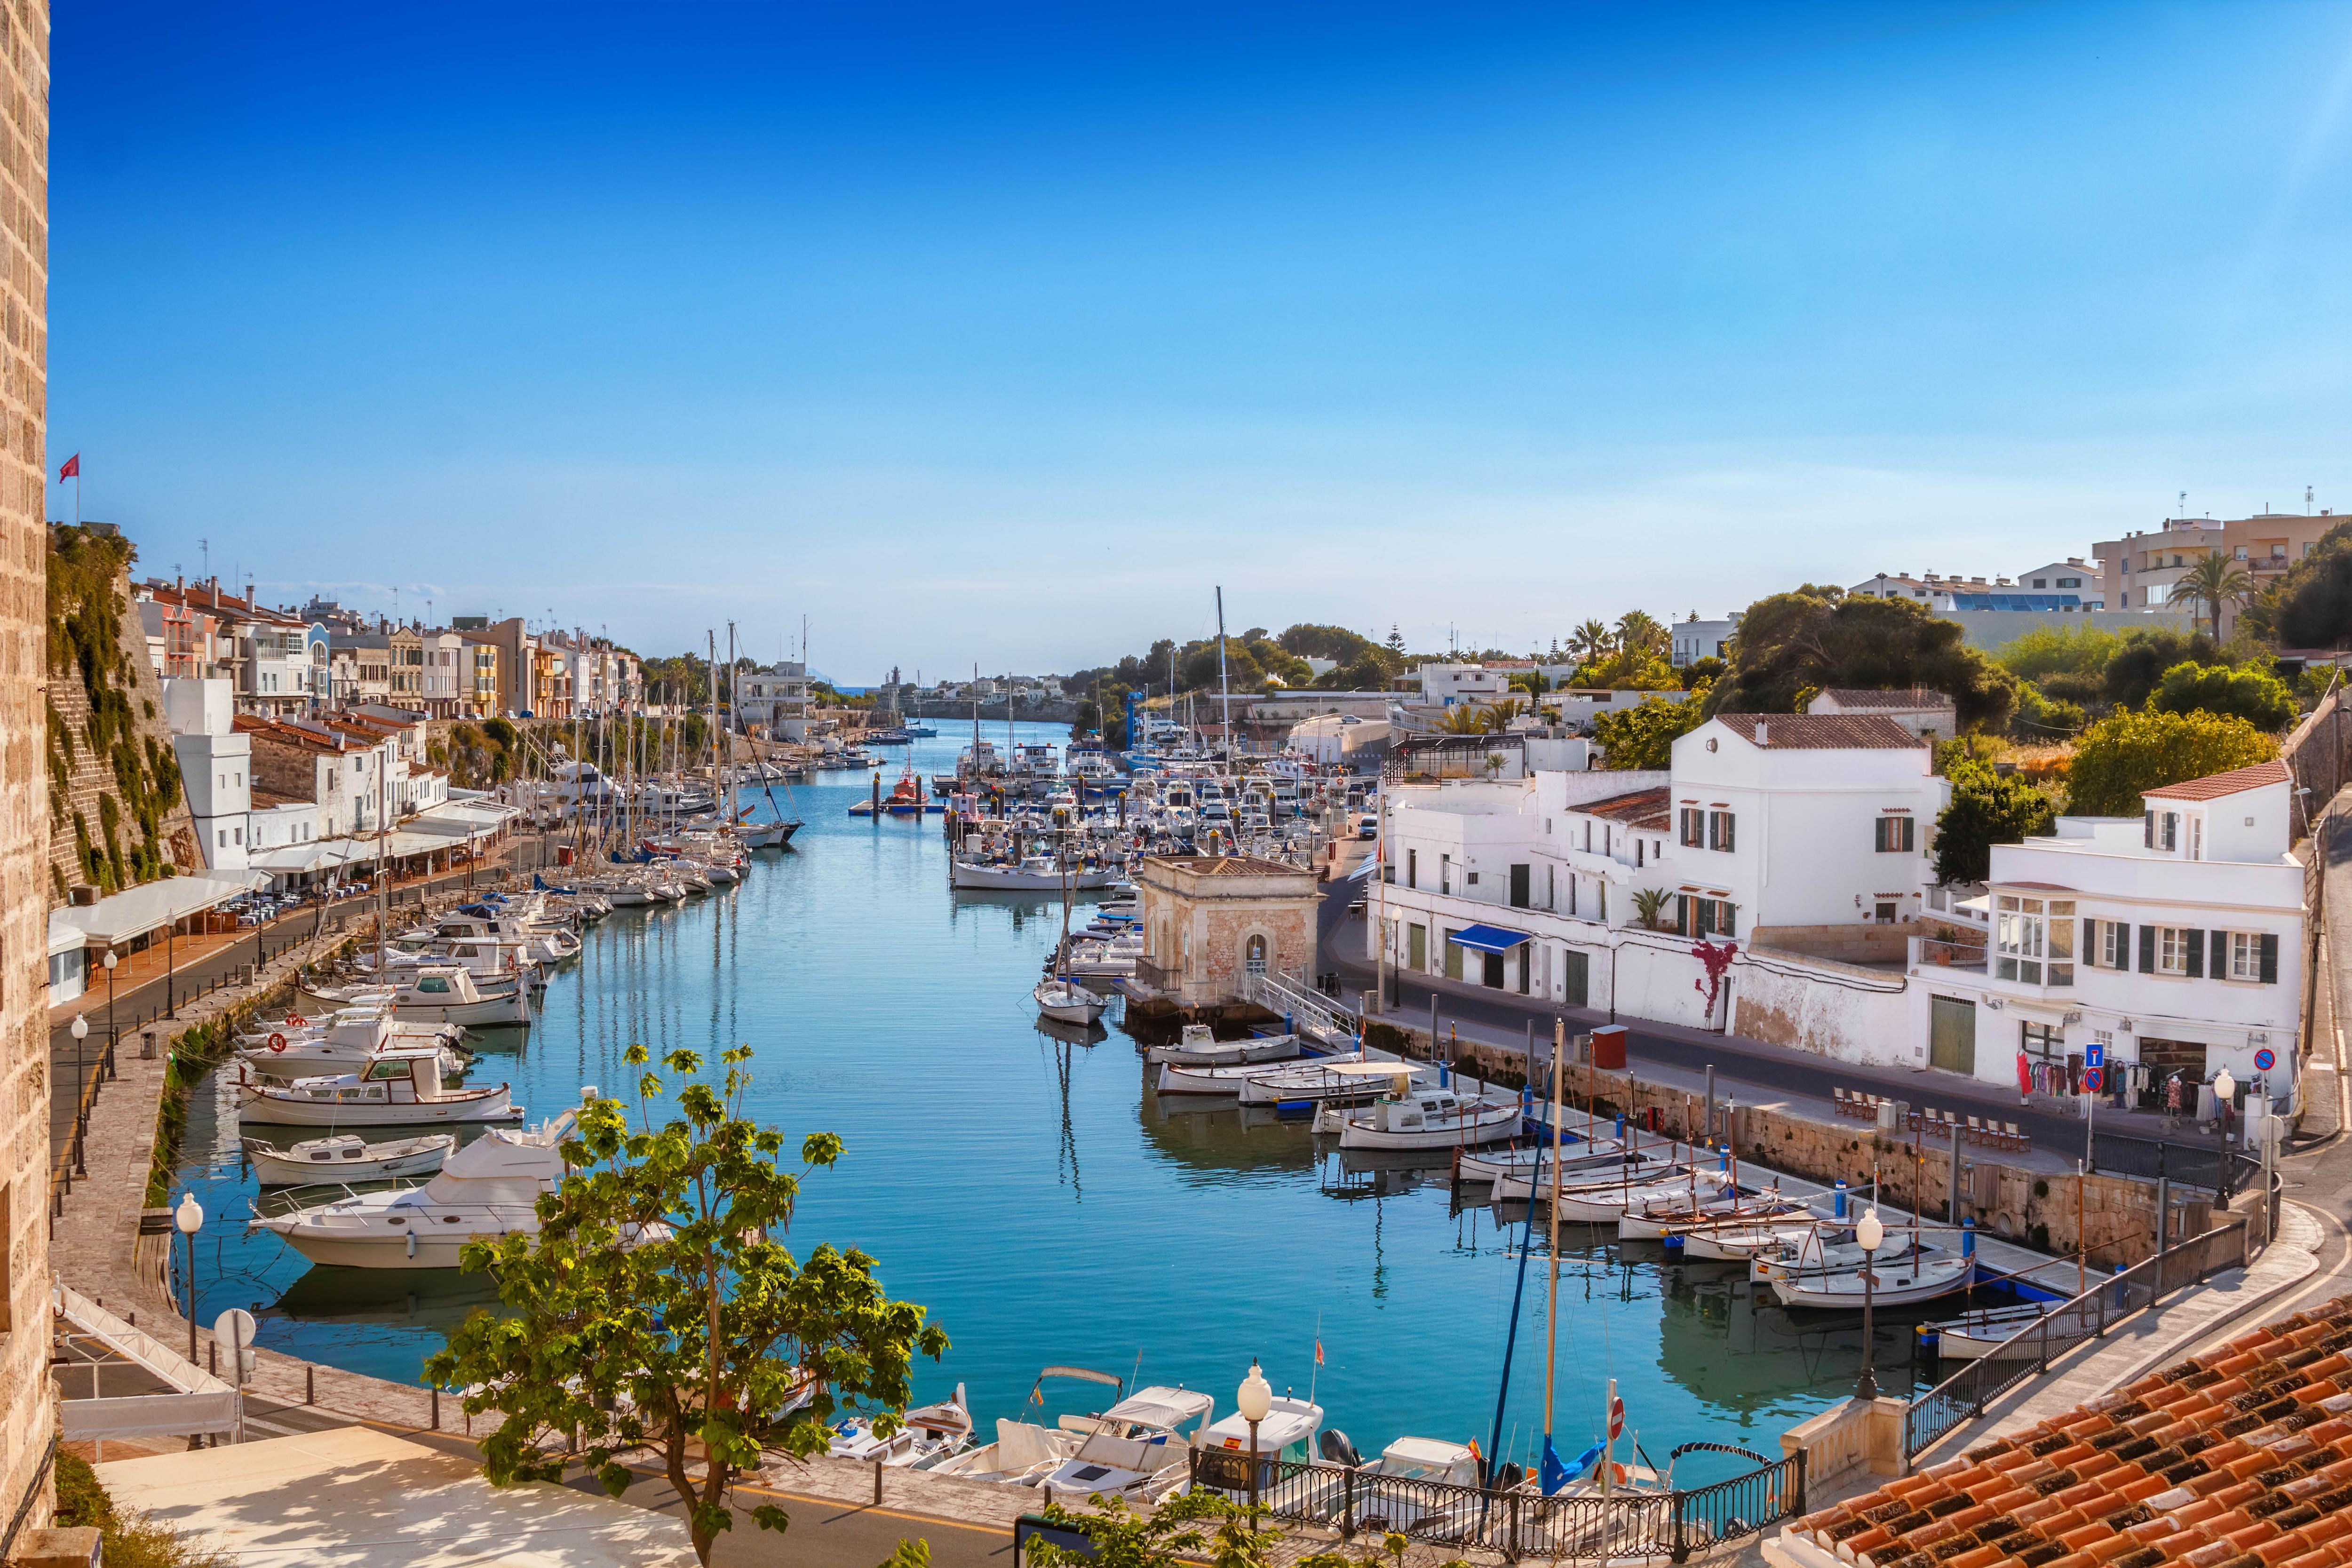 Sjutadeļa de Menorka, Spānija